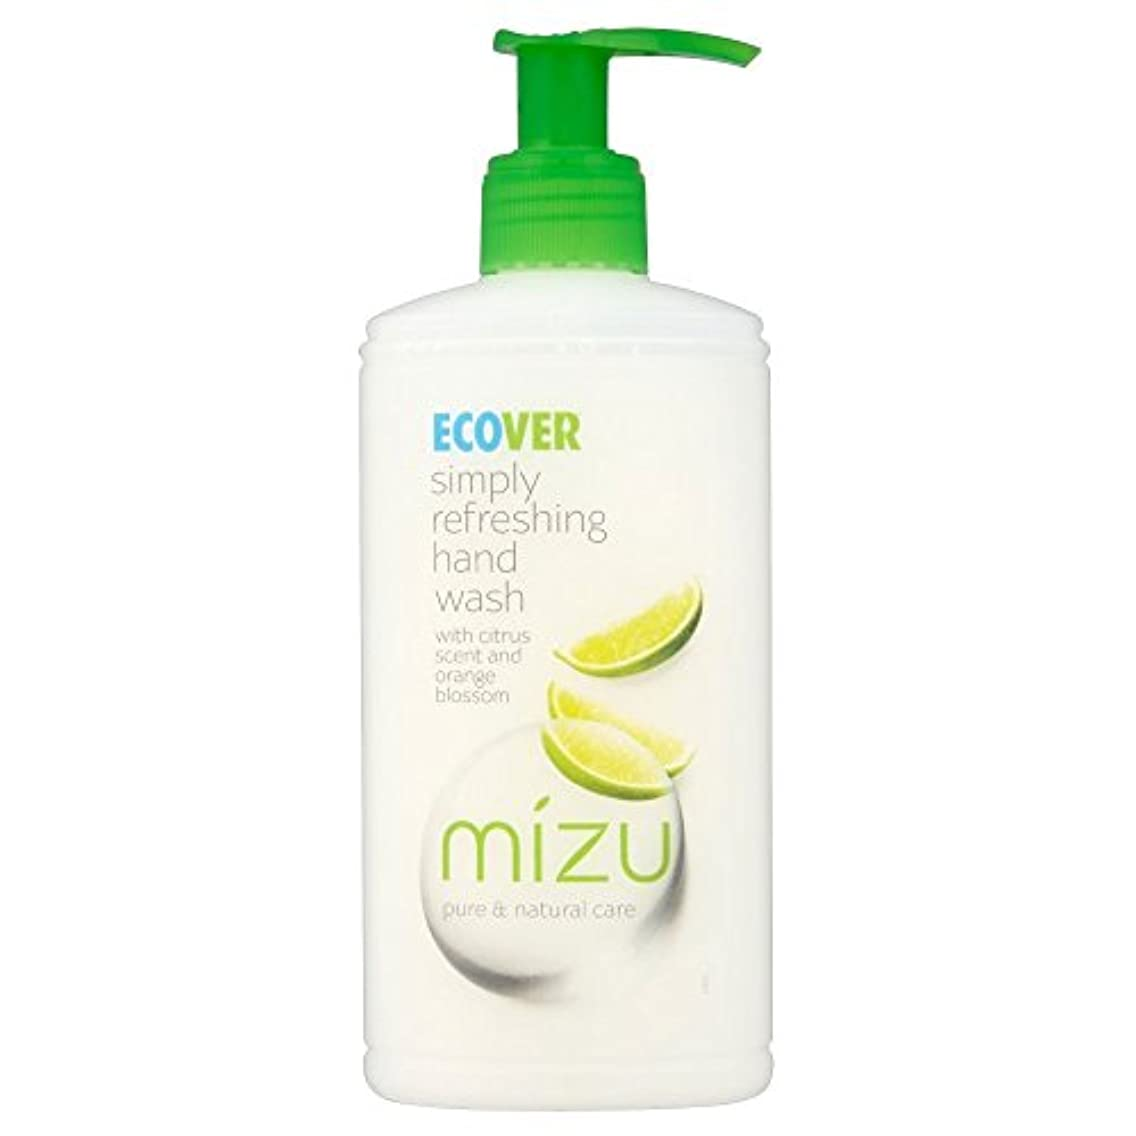 和姿勢アンプEcover Liquid Hand Soap Citrus & Orange Blossom (250ml) エコベール液体ハンドソープシトラスとオレンジの花( 250ミリリットル) [並行輸入品]